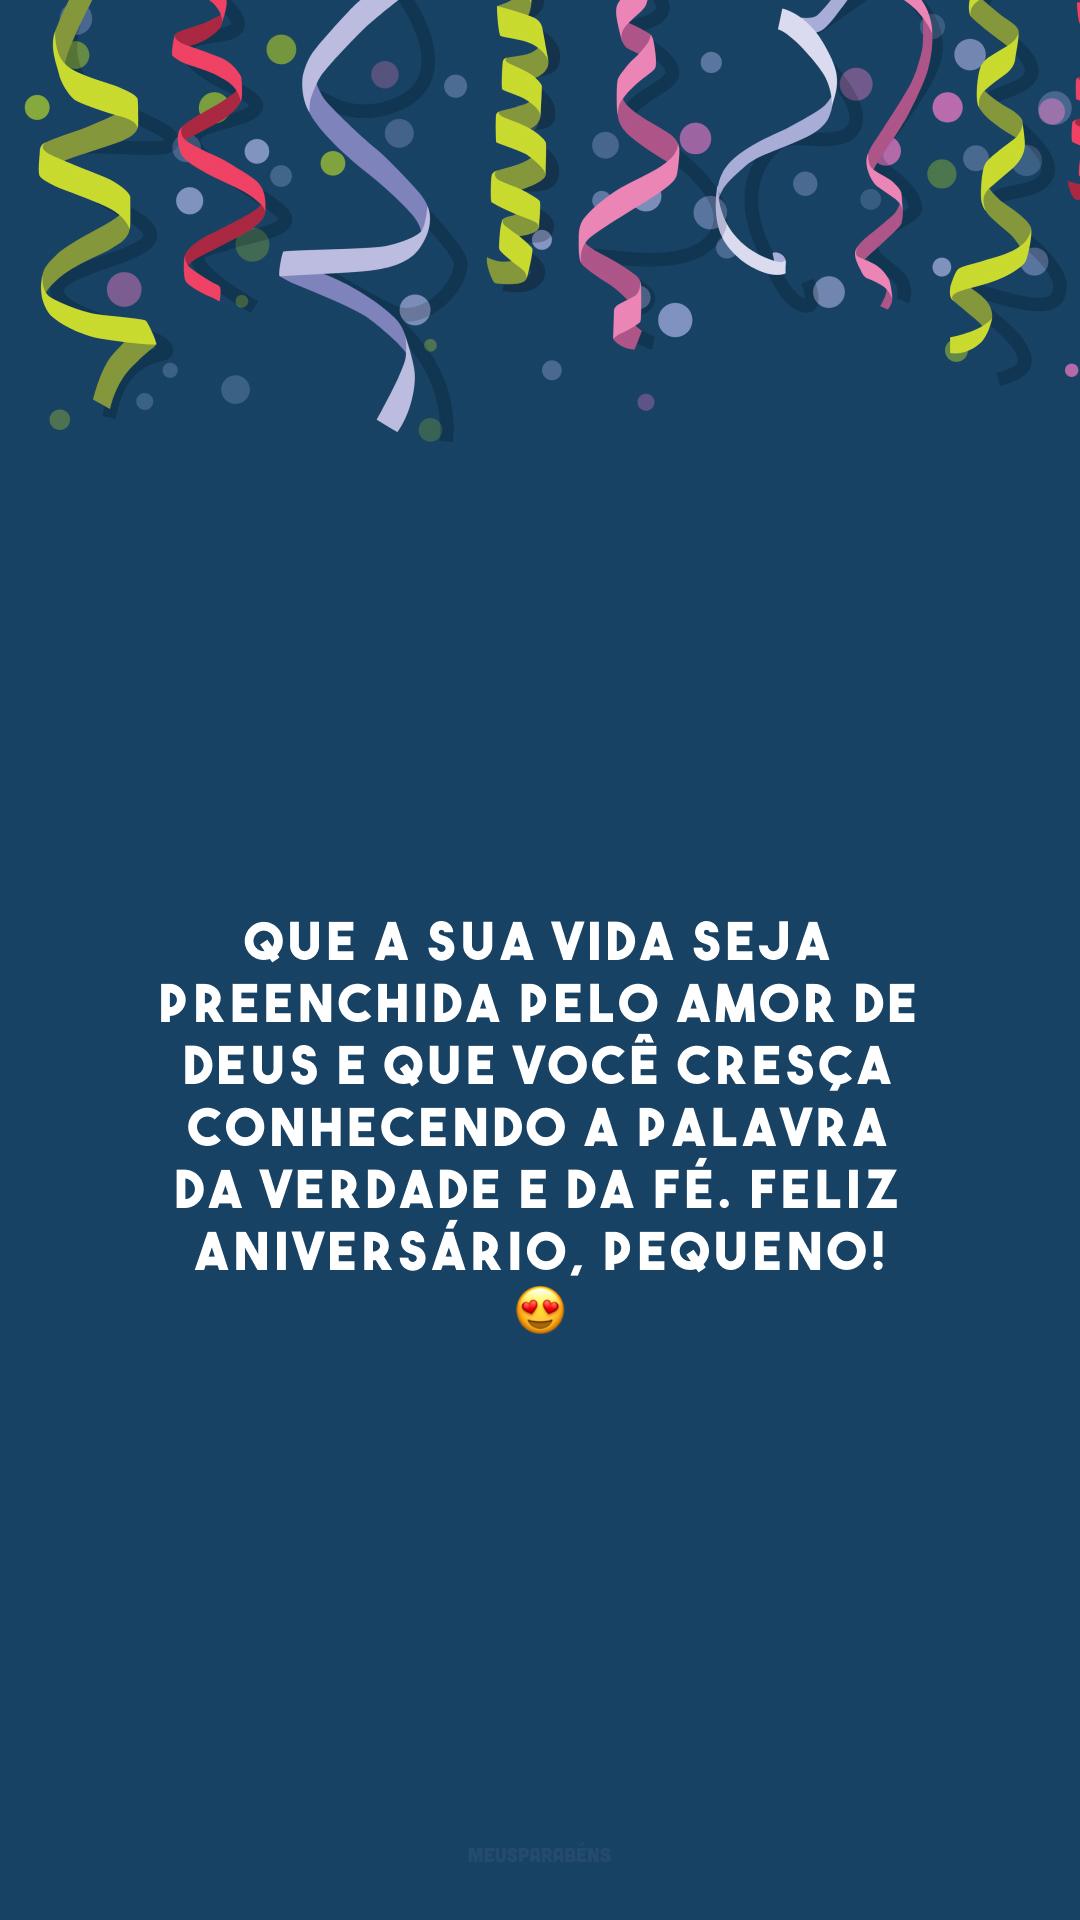 Que a sua vida seja preenchida pelo amor de Deus e que você cresça conhecendo a palavra da verdade e da fé. Feliz aniversário, pequeno! 😍